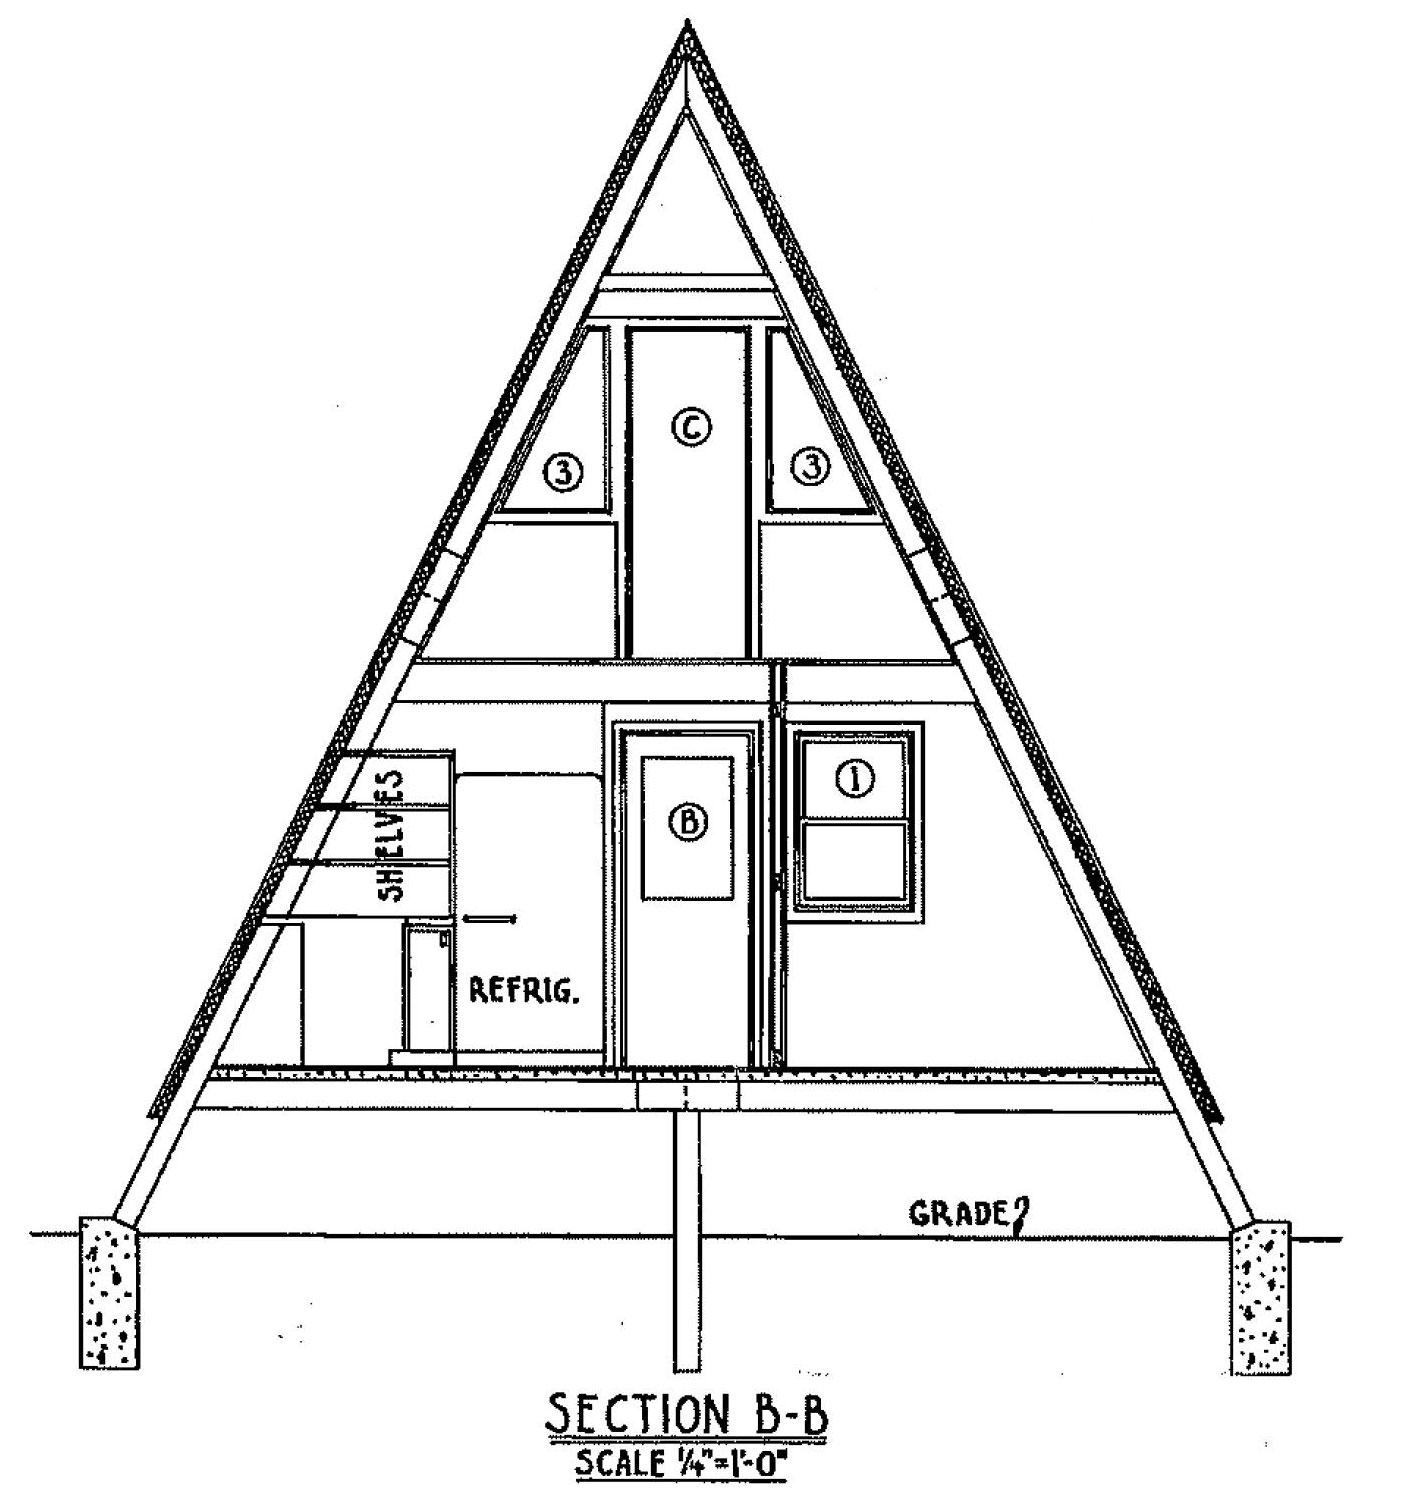 A Frame Cabin Plans 2 Bedroom A Frame Cabin Plans Free Do: Free A Frame Cabin Plan With 3 Bedrooms